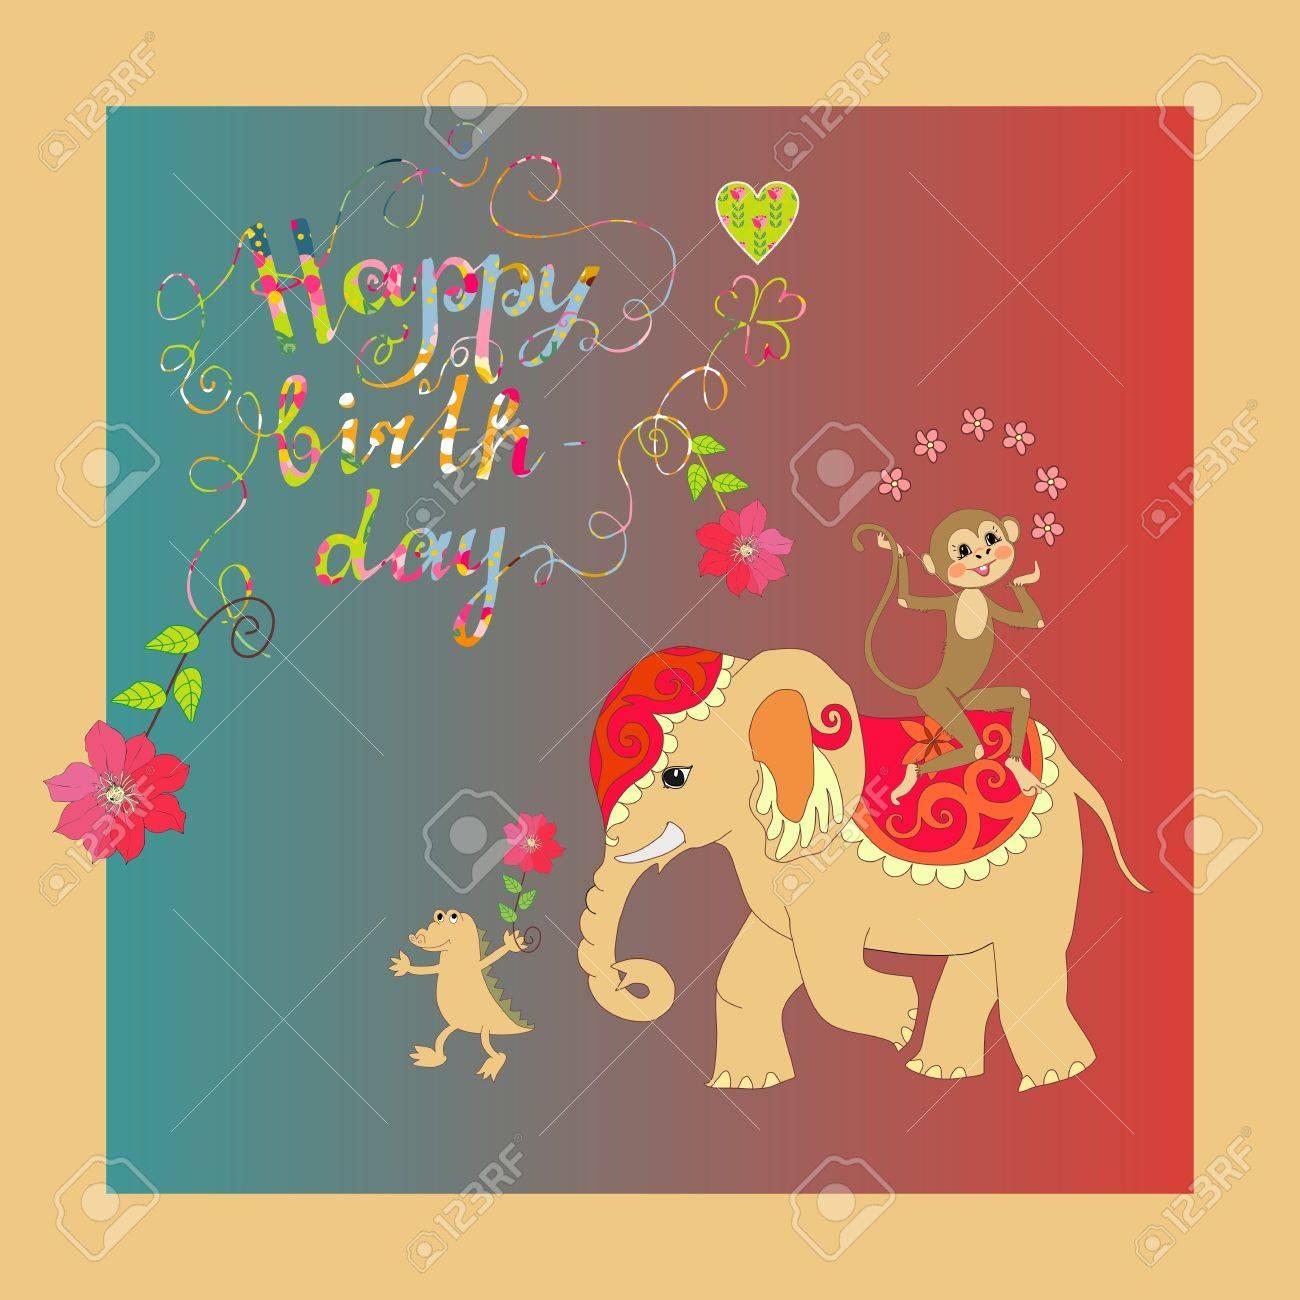 Carte Mignonne Joyeux Anniversaire Avec Elephants Joyeux Crocodile Et Singes Clip Art Libres De Droits Vecteurs Et Illustration Image 58632428